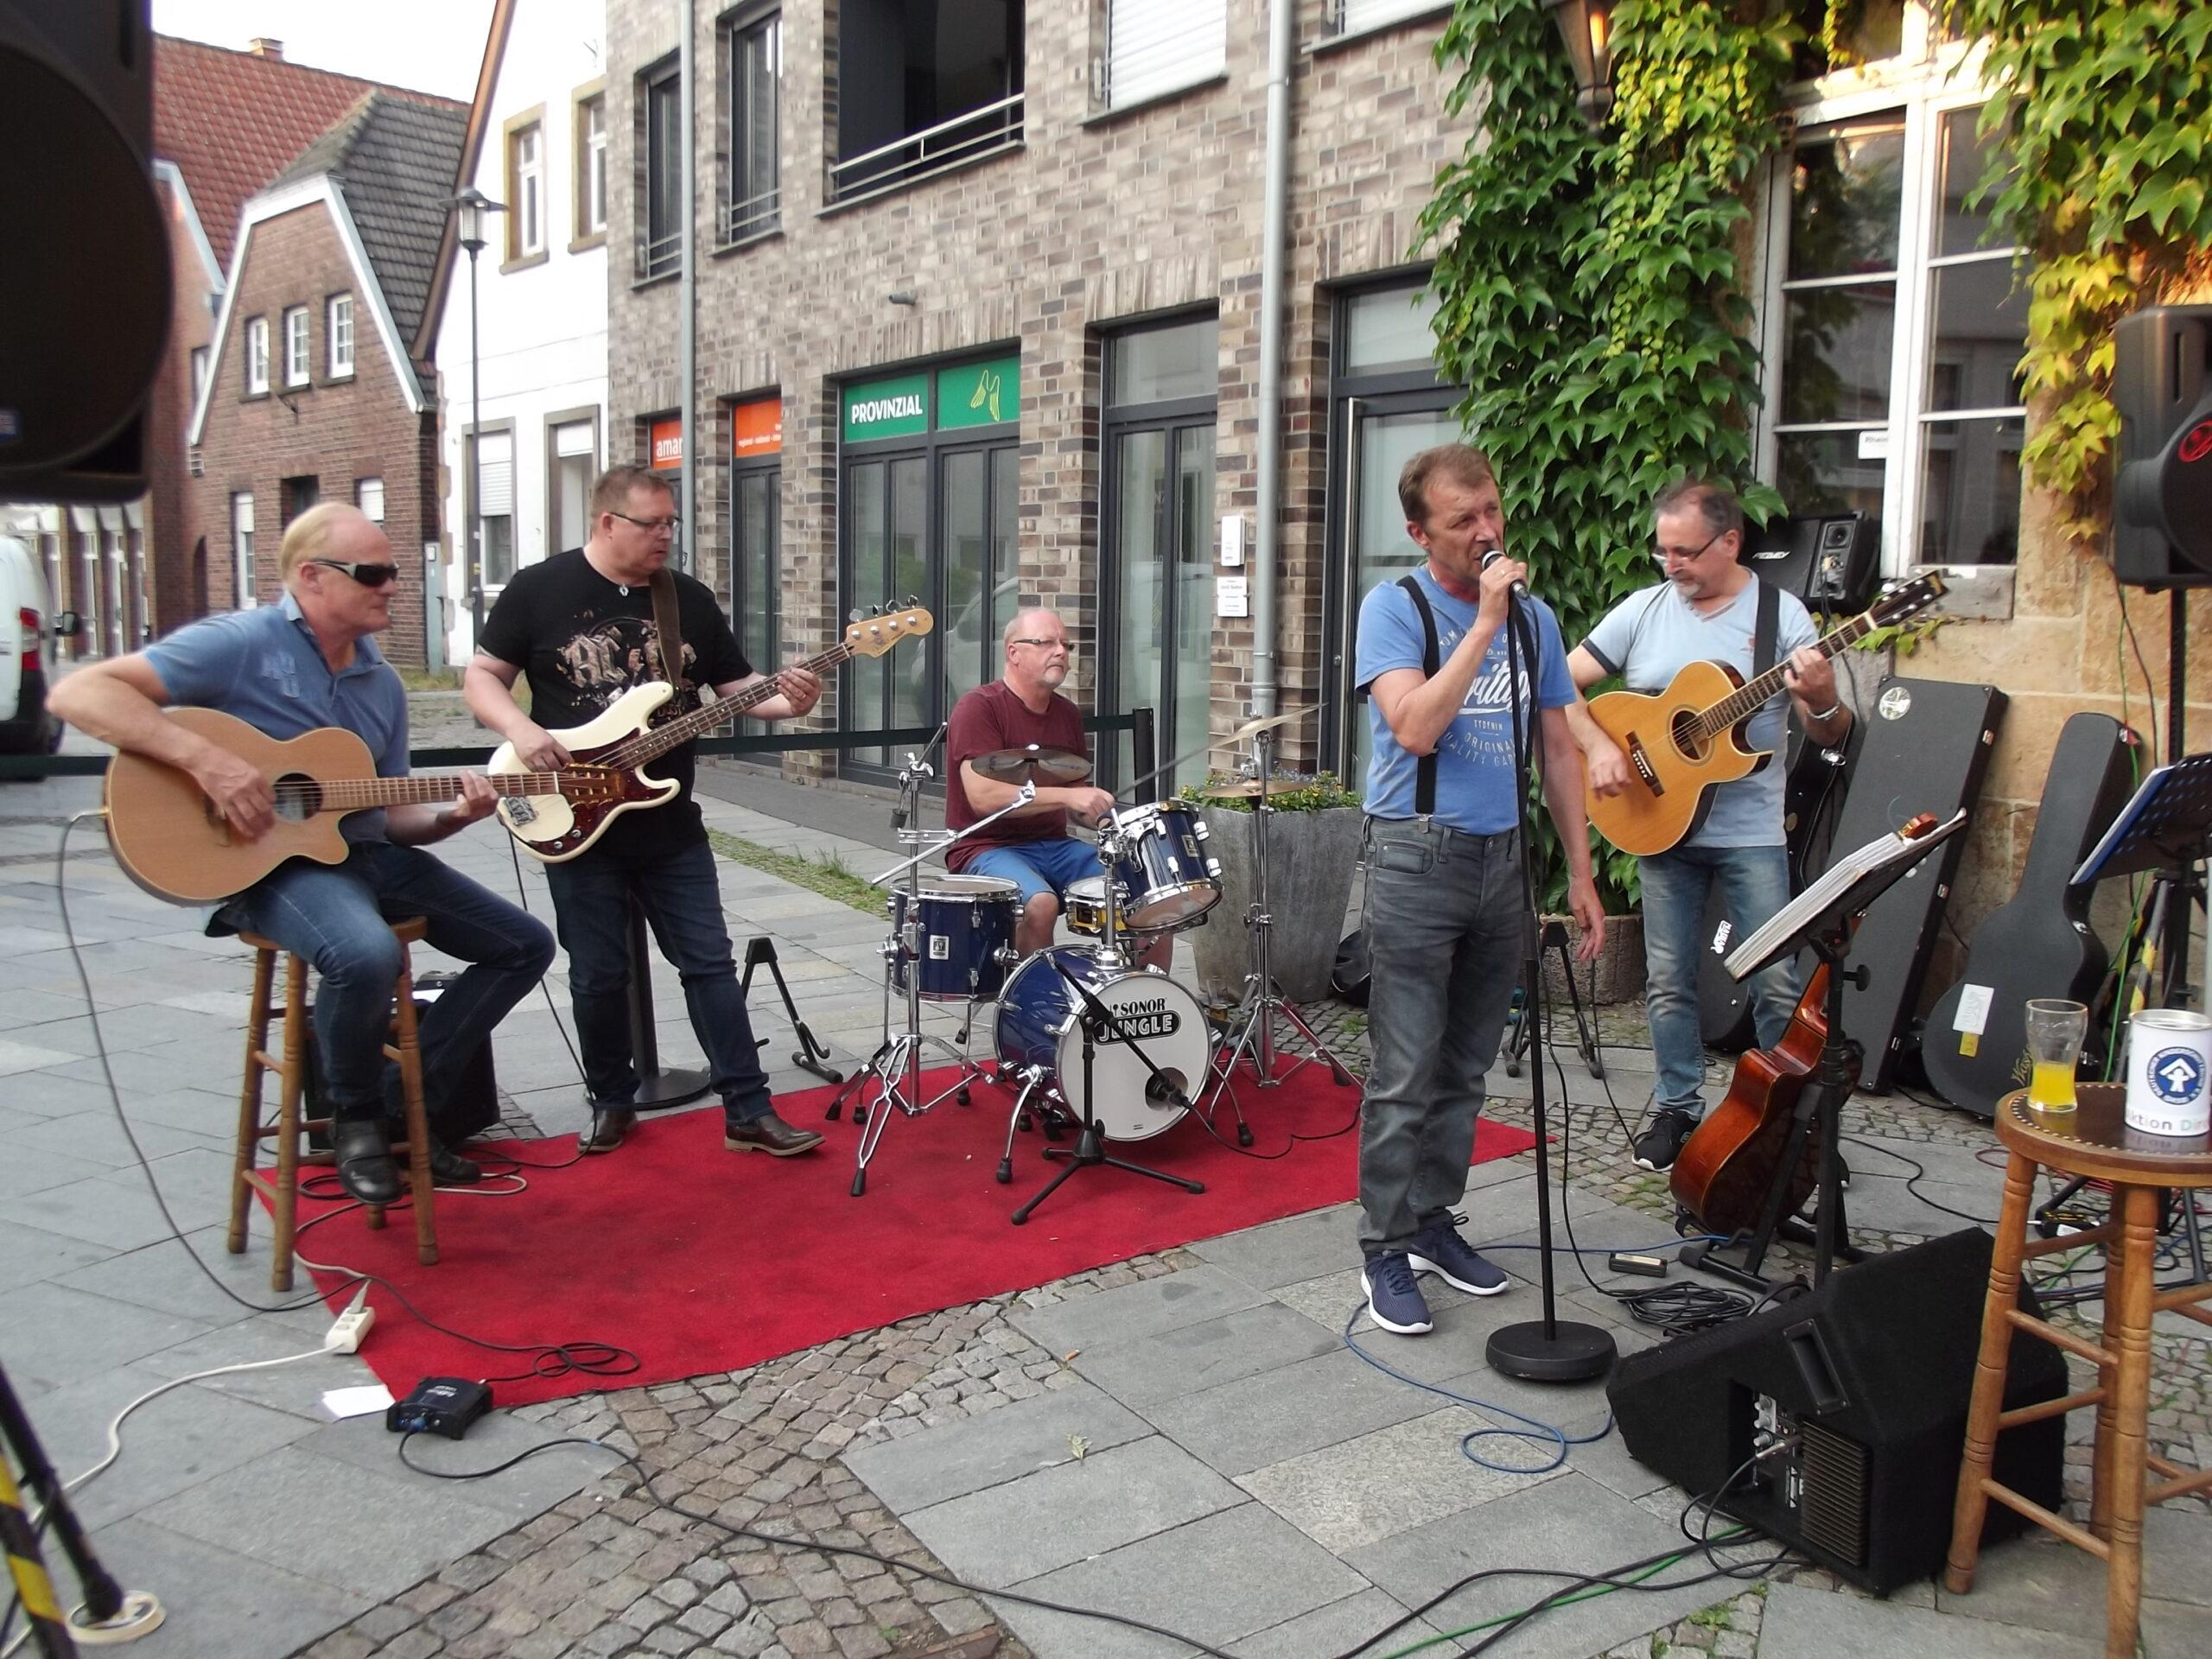 Bild Maika & Band vom letzten Konzert 2018 vor Connys Köppken in Rheine